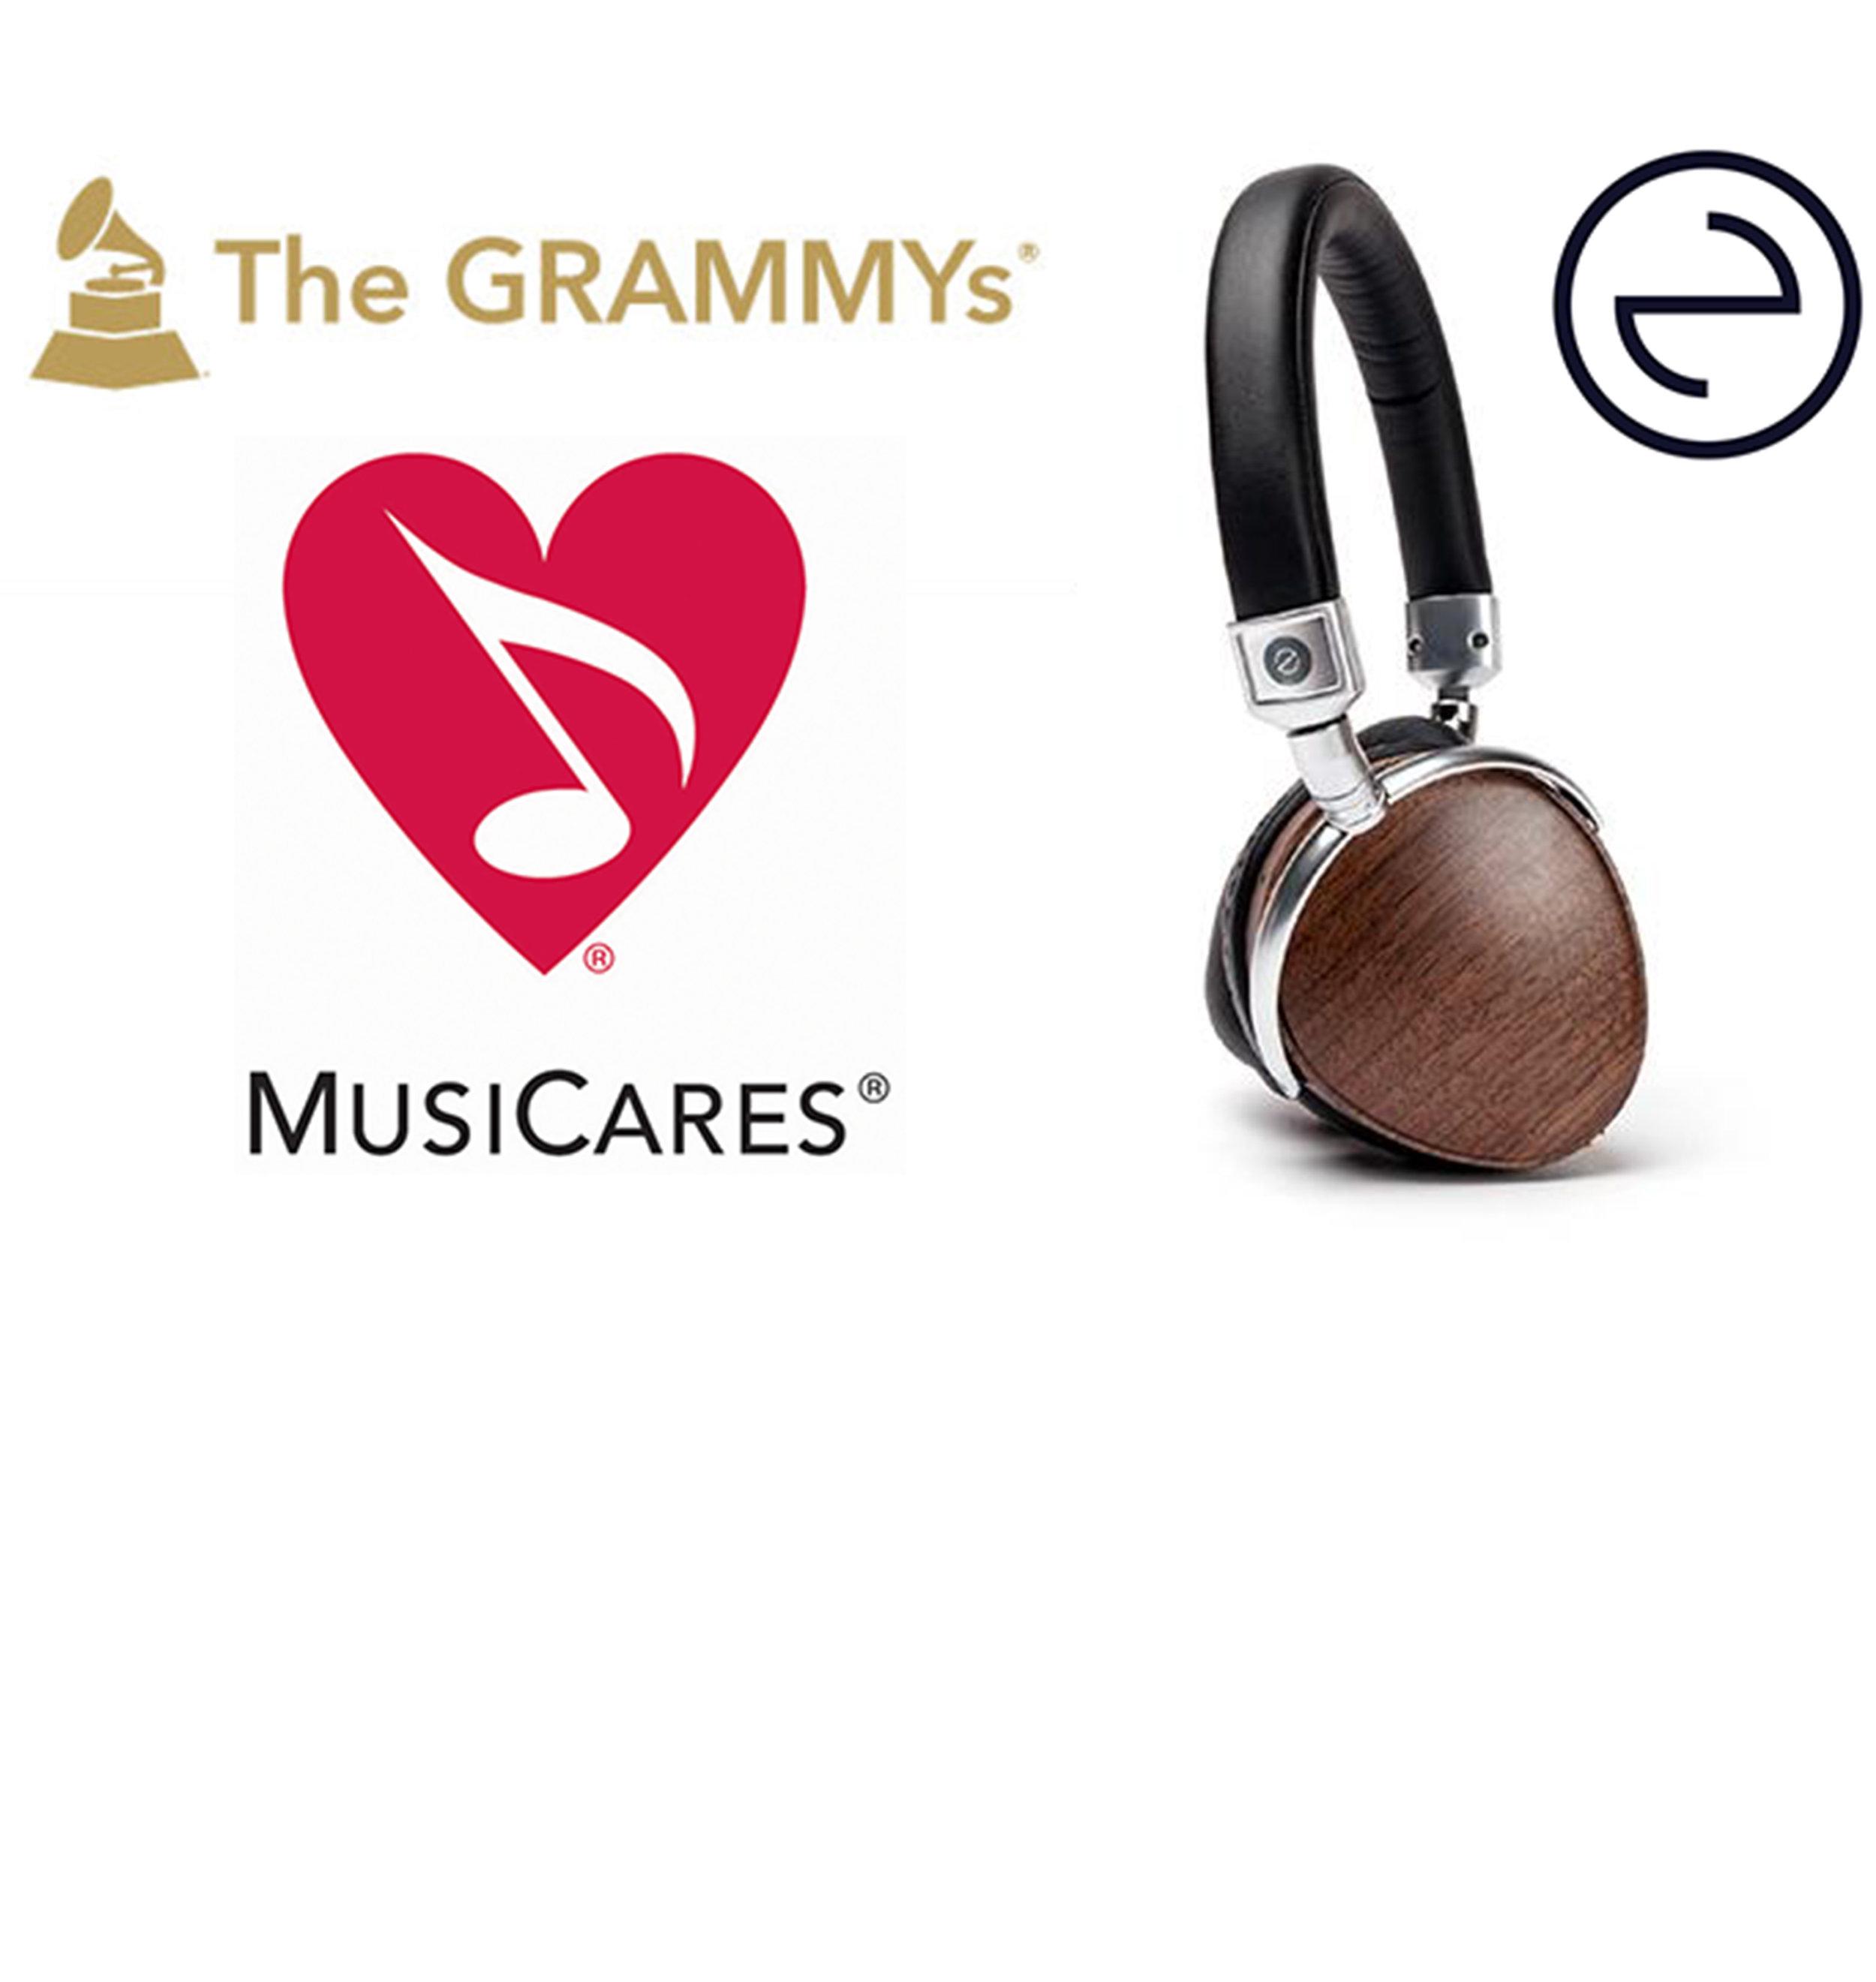 Musicares logos for website.jpg